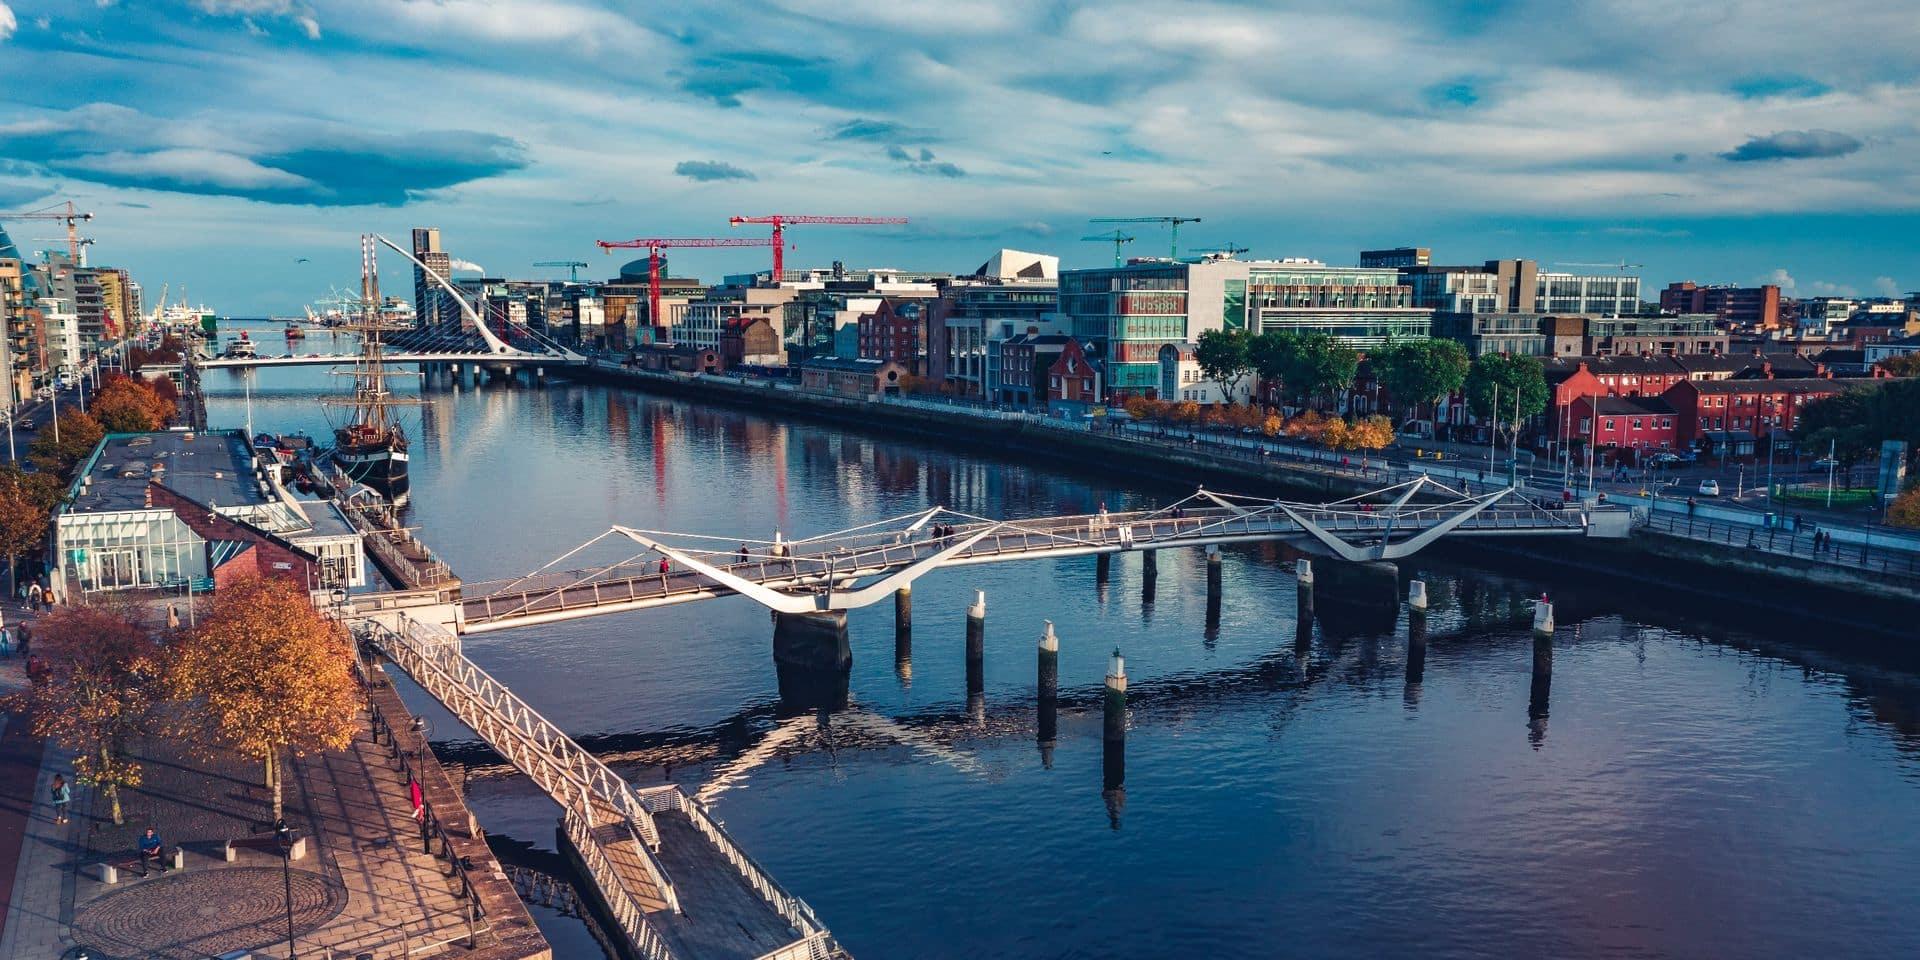 Les chiffres de l'Irlande sont tronqués par la présence de grandes entreprises internationales.